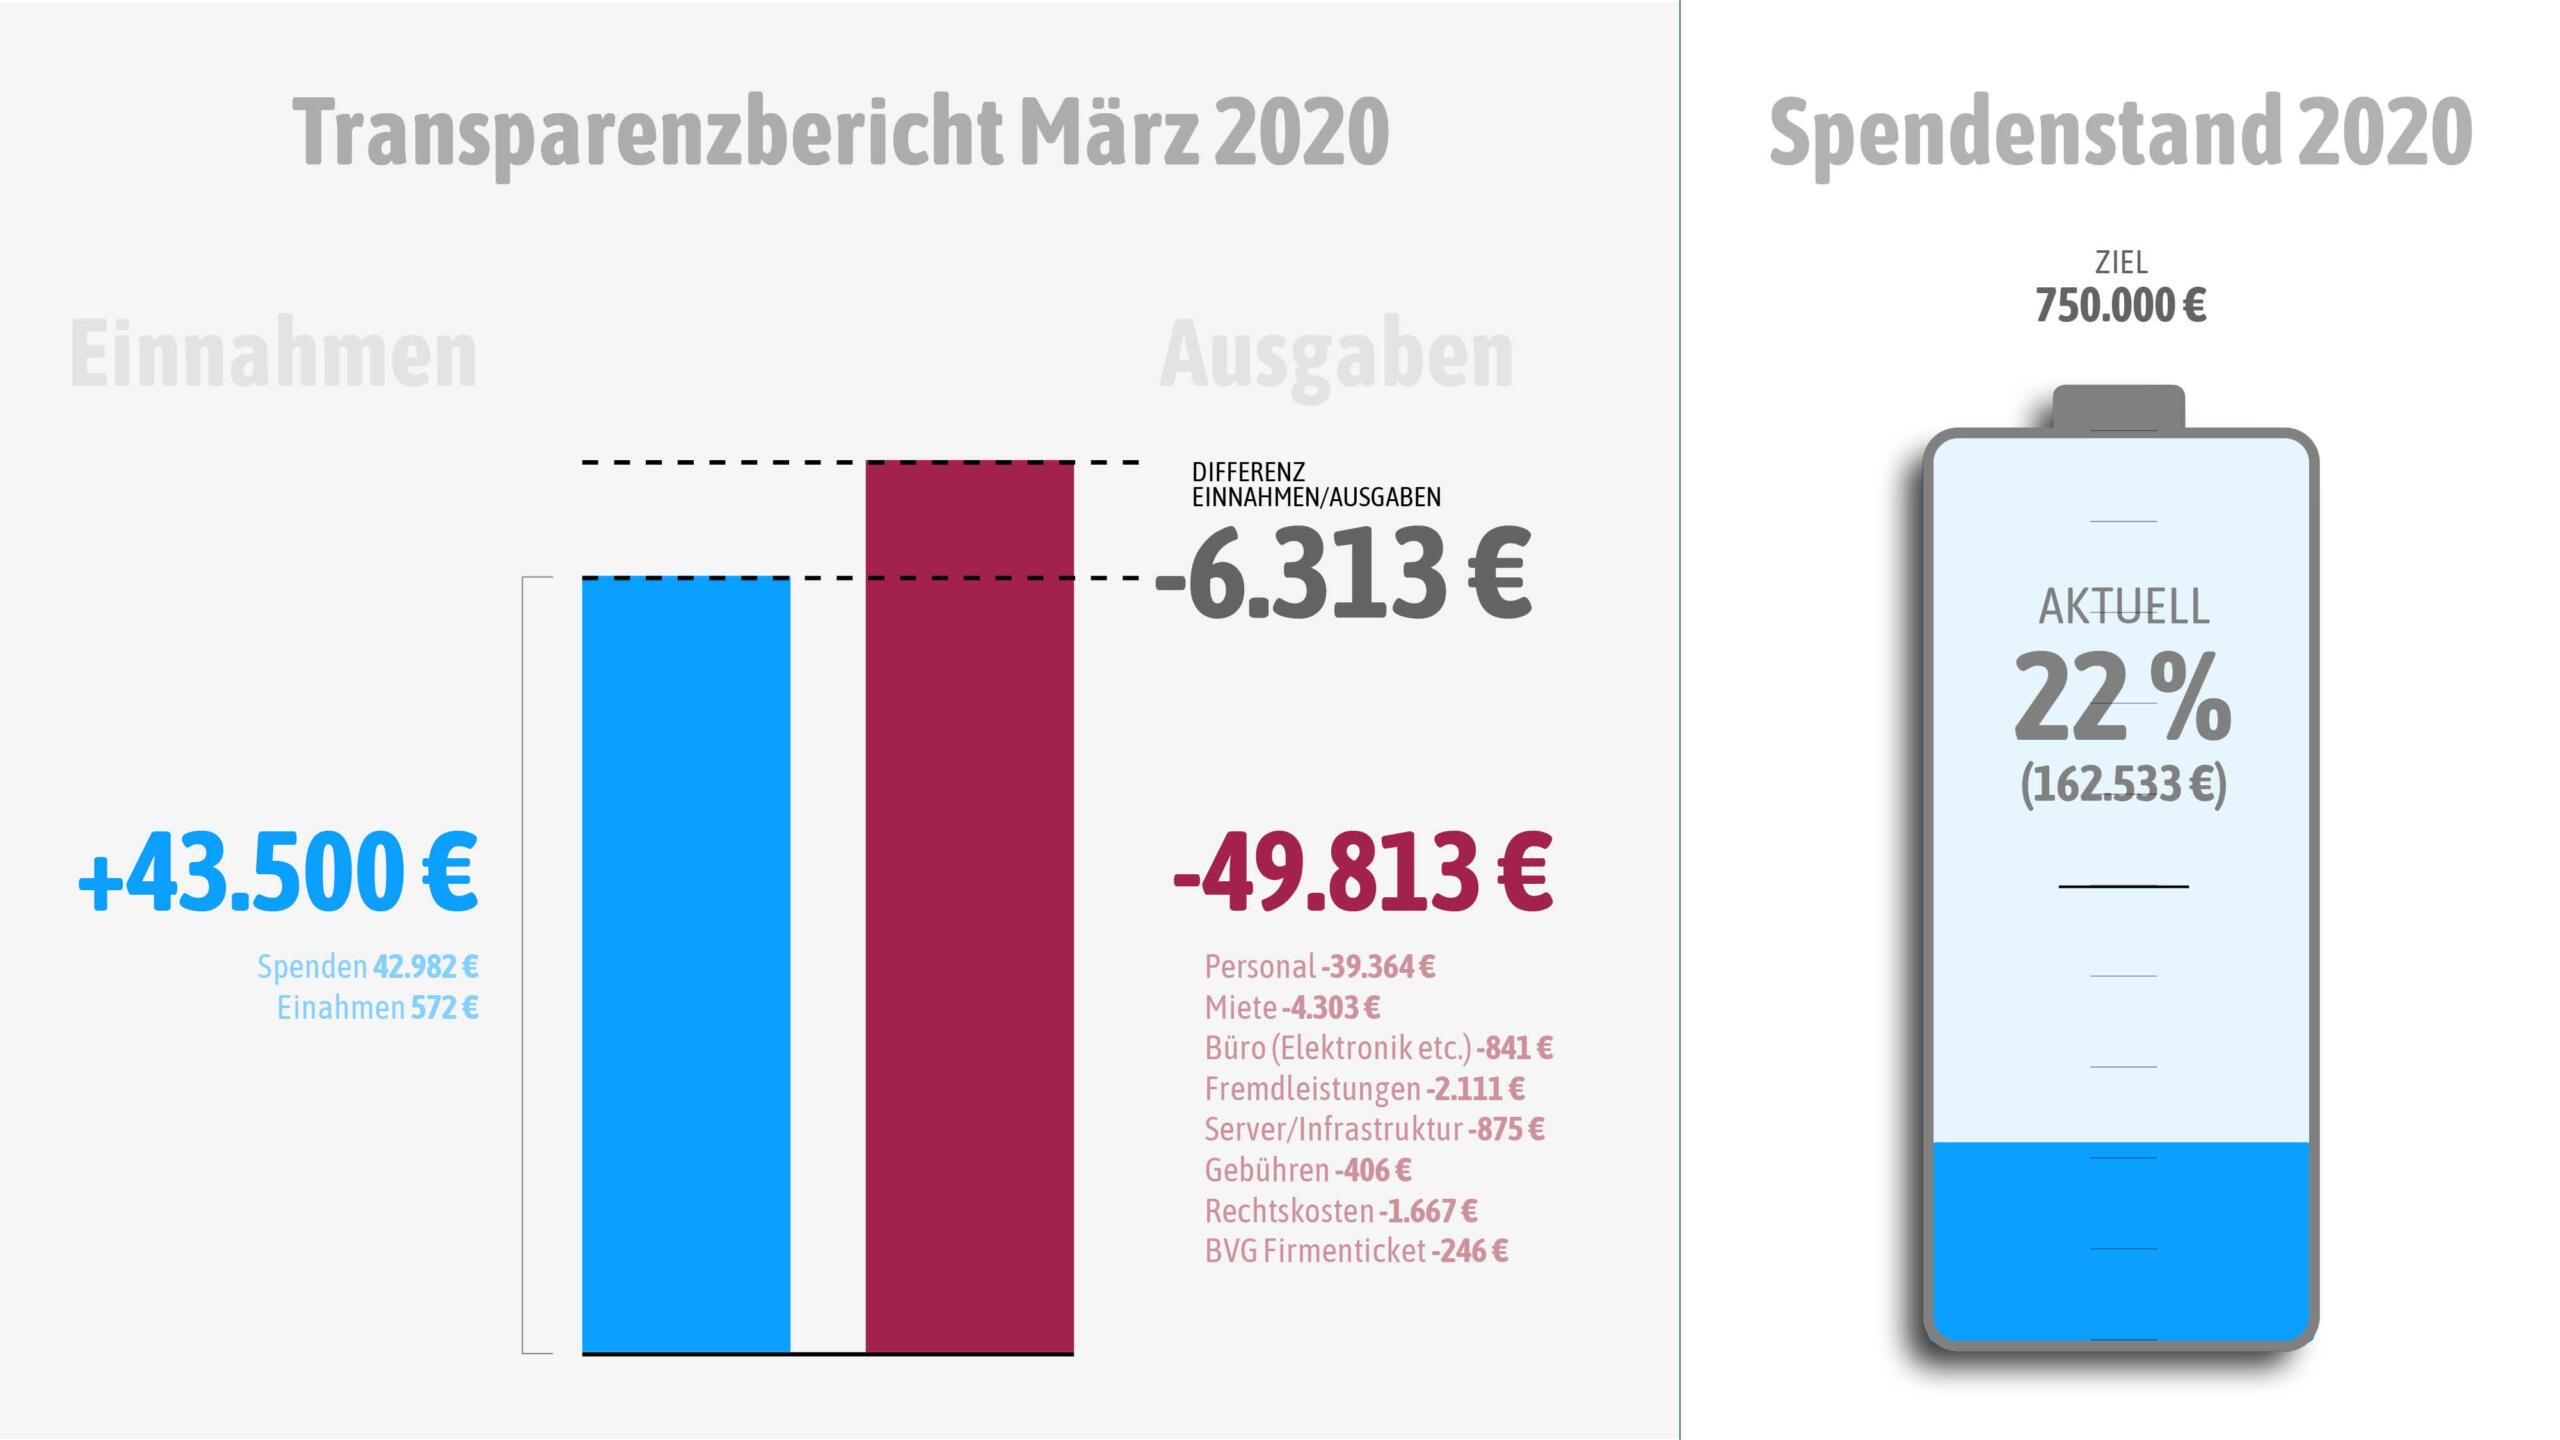 Einnahmen und Ausgaben im März 2020